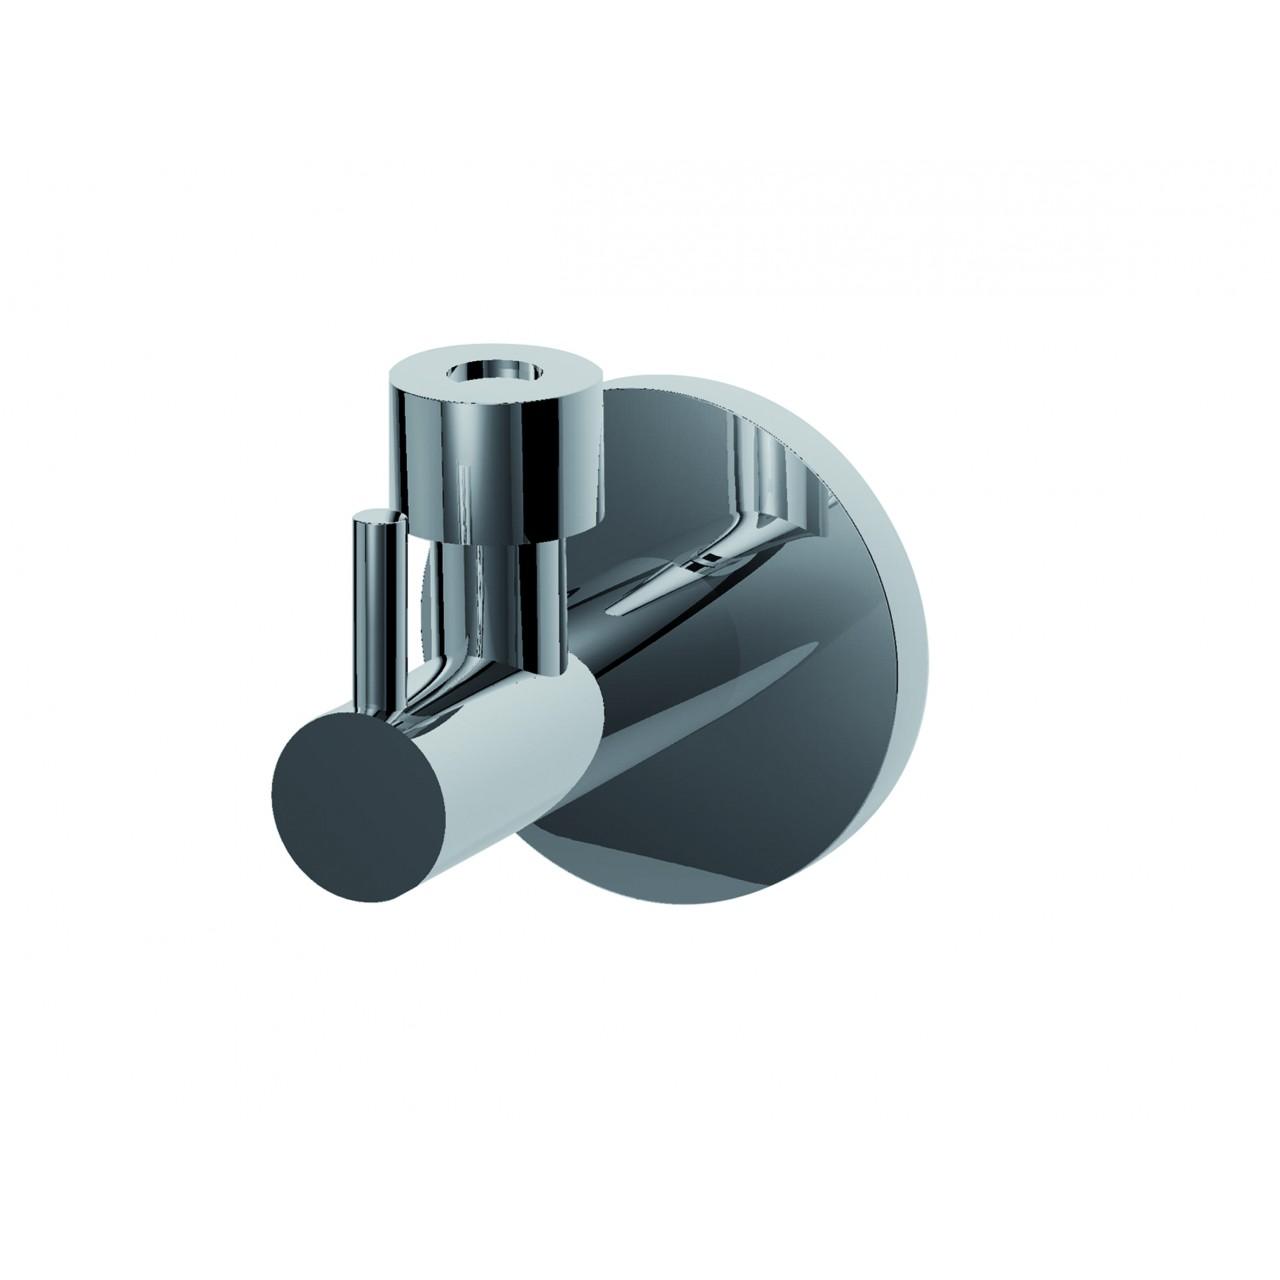 Bath Supplements - Under Sink Stop Valve